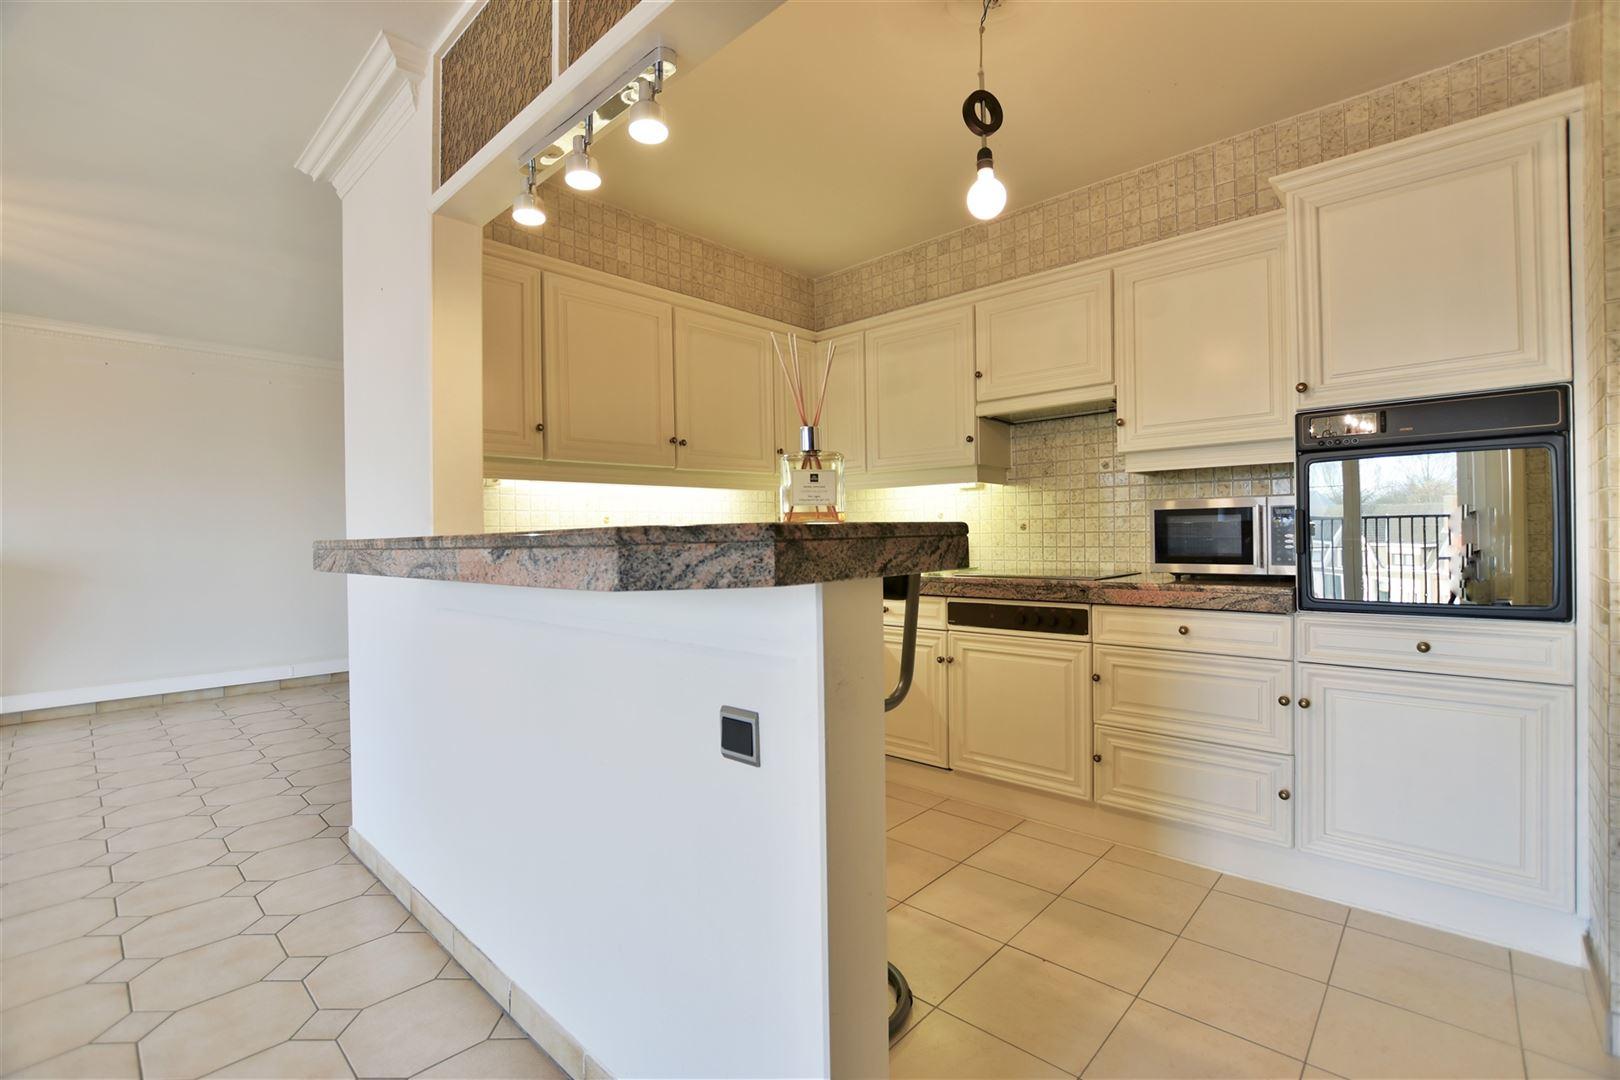 Foto 6 : Appartement te 9240 ZELE (België) - Prijs € 299.000